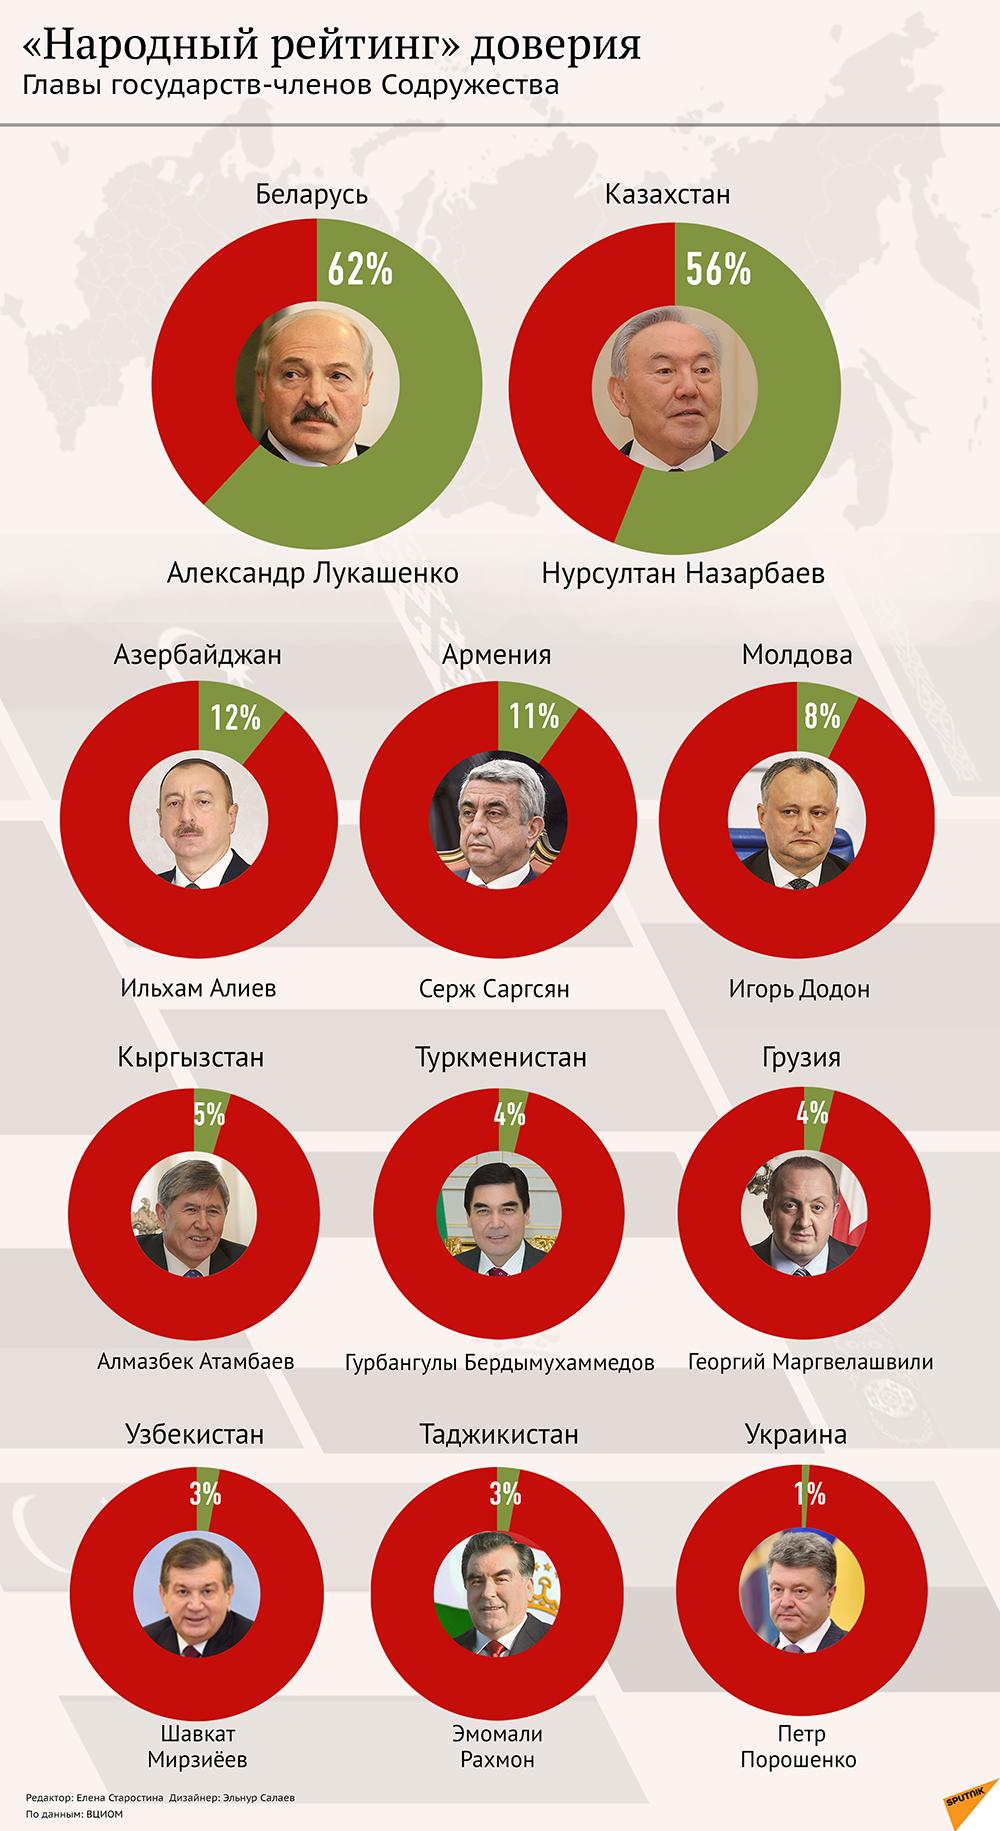 Народный рейтинг доверия